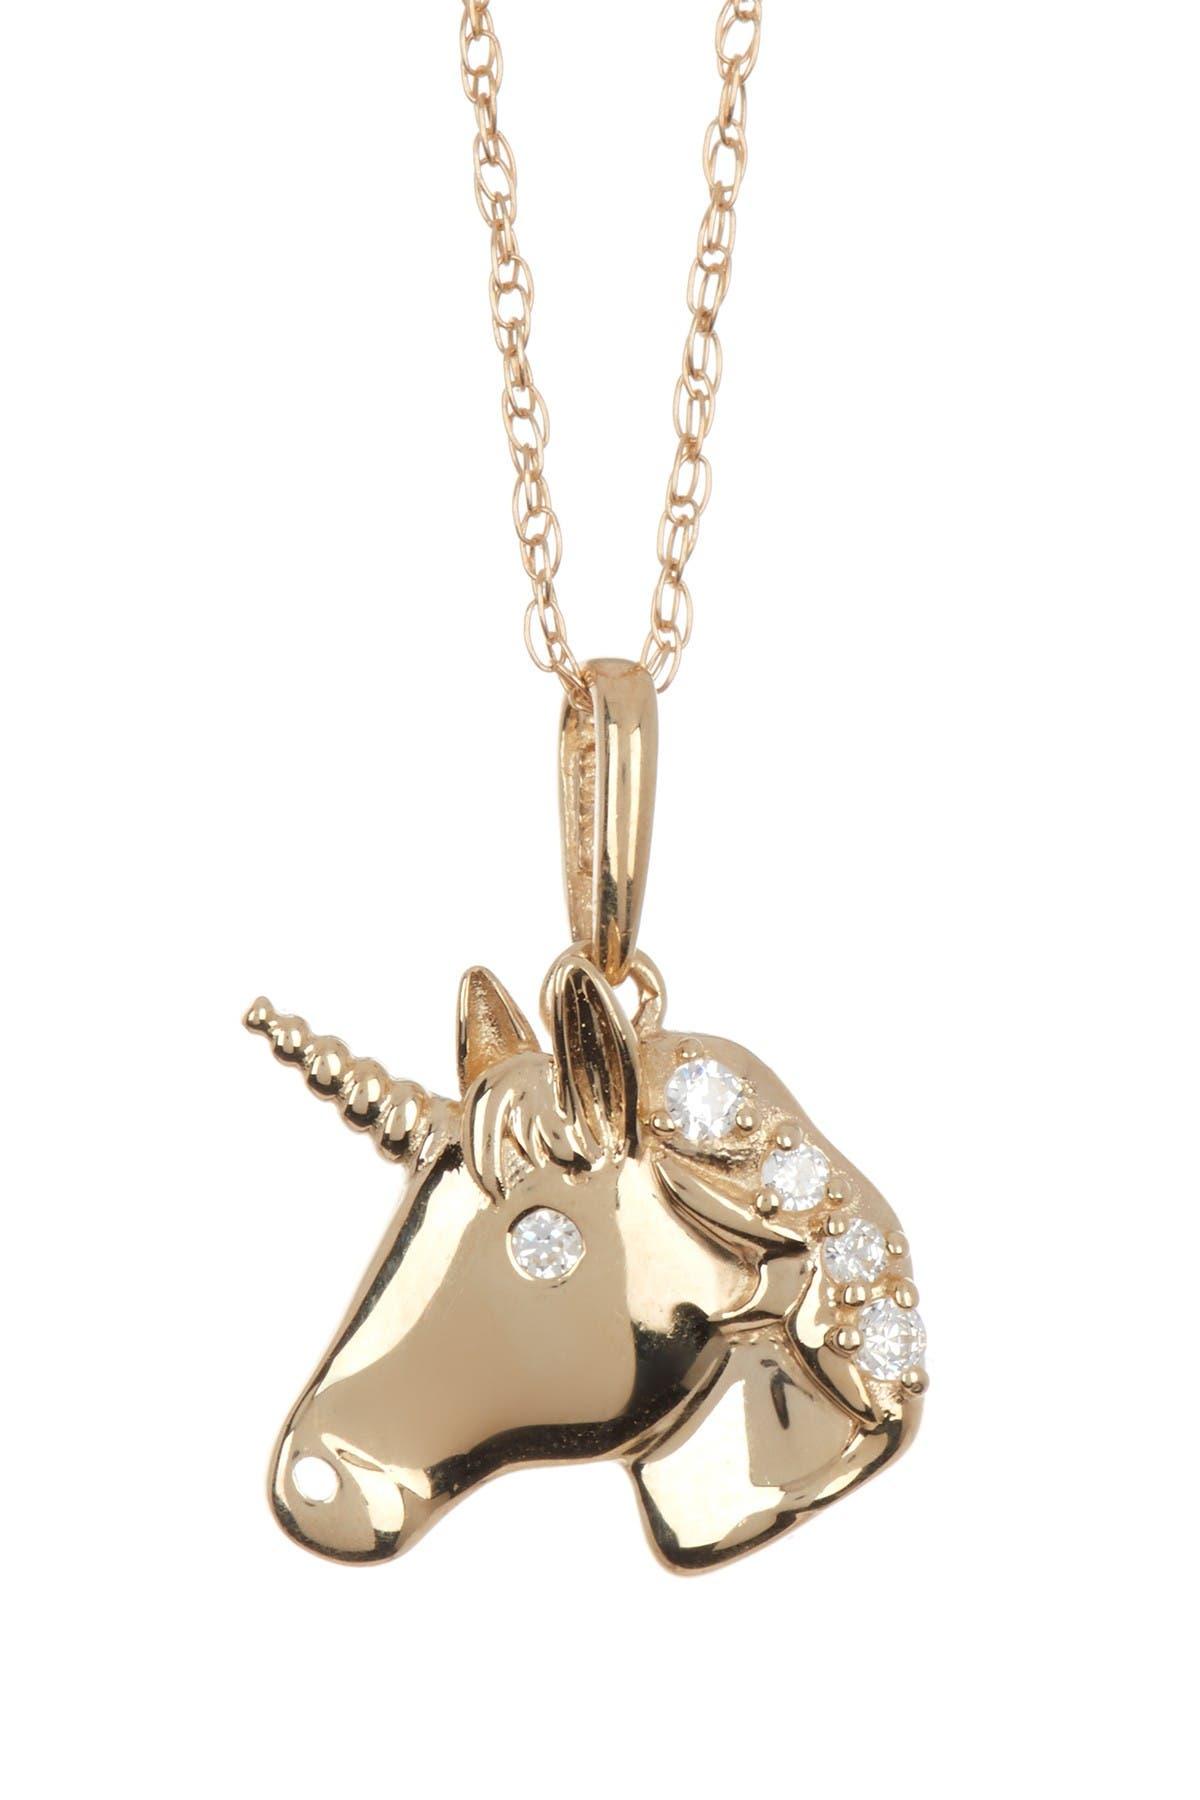 Image of Candela 10K Yellow Gold CZ Unicorn Necklace